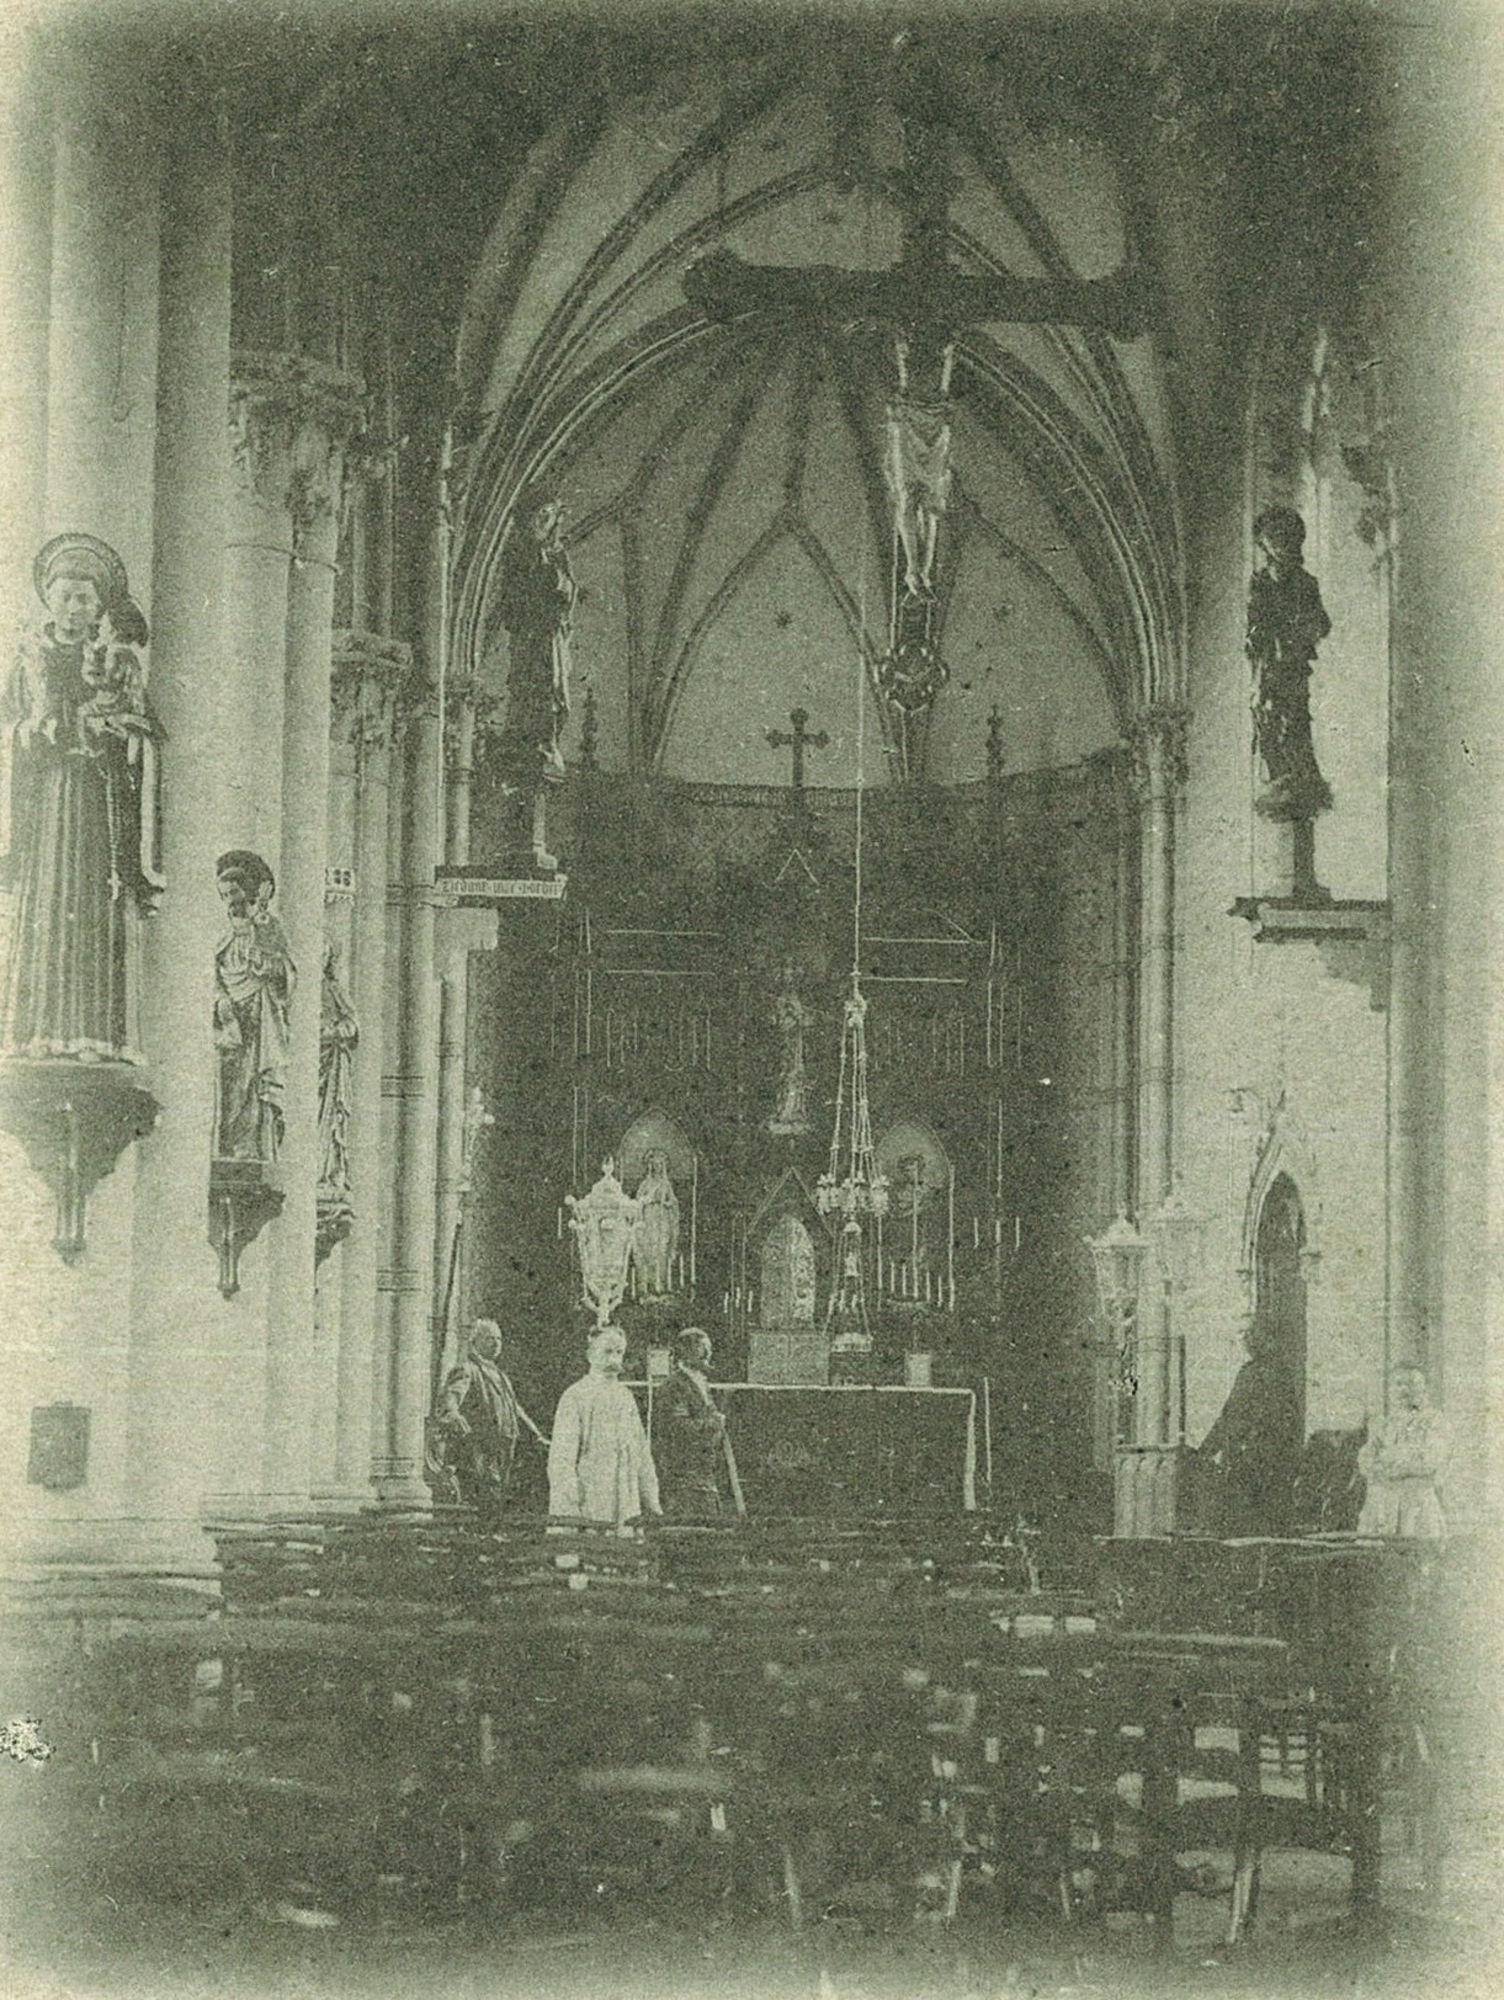 Kooigem Interieur van de kerk